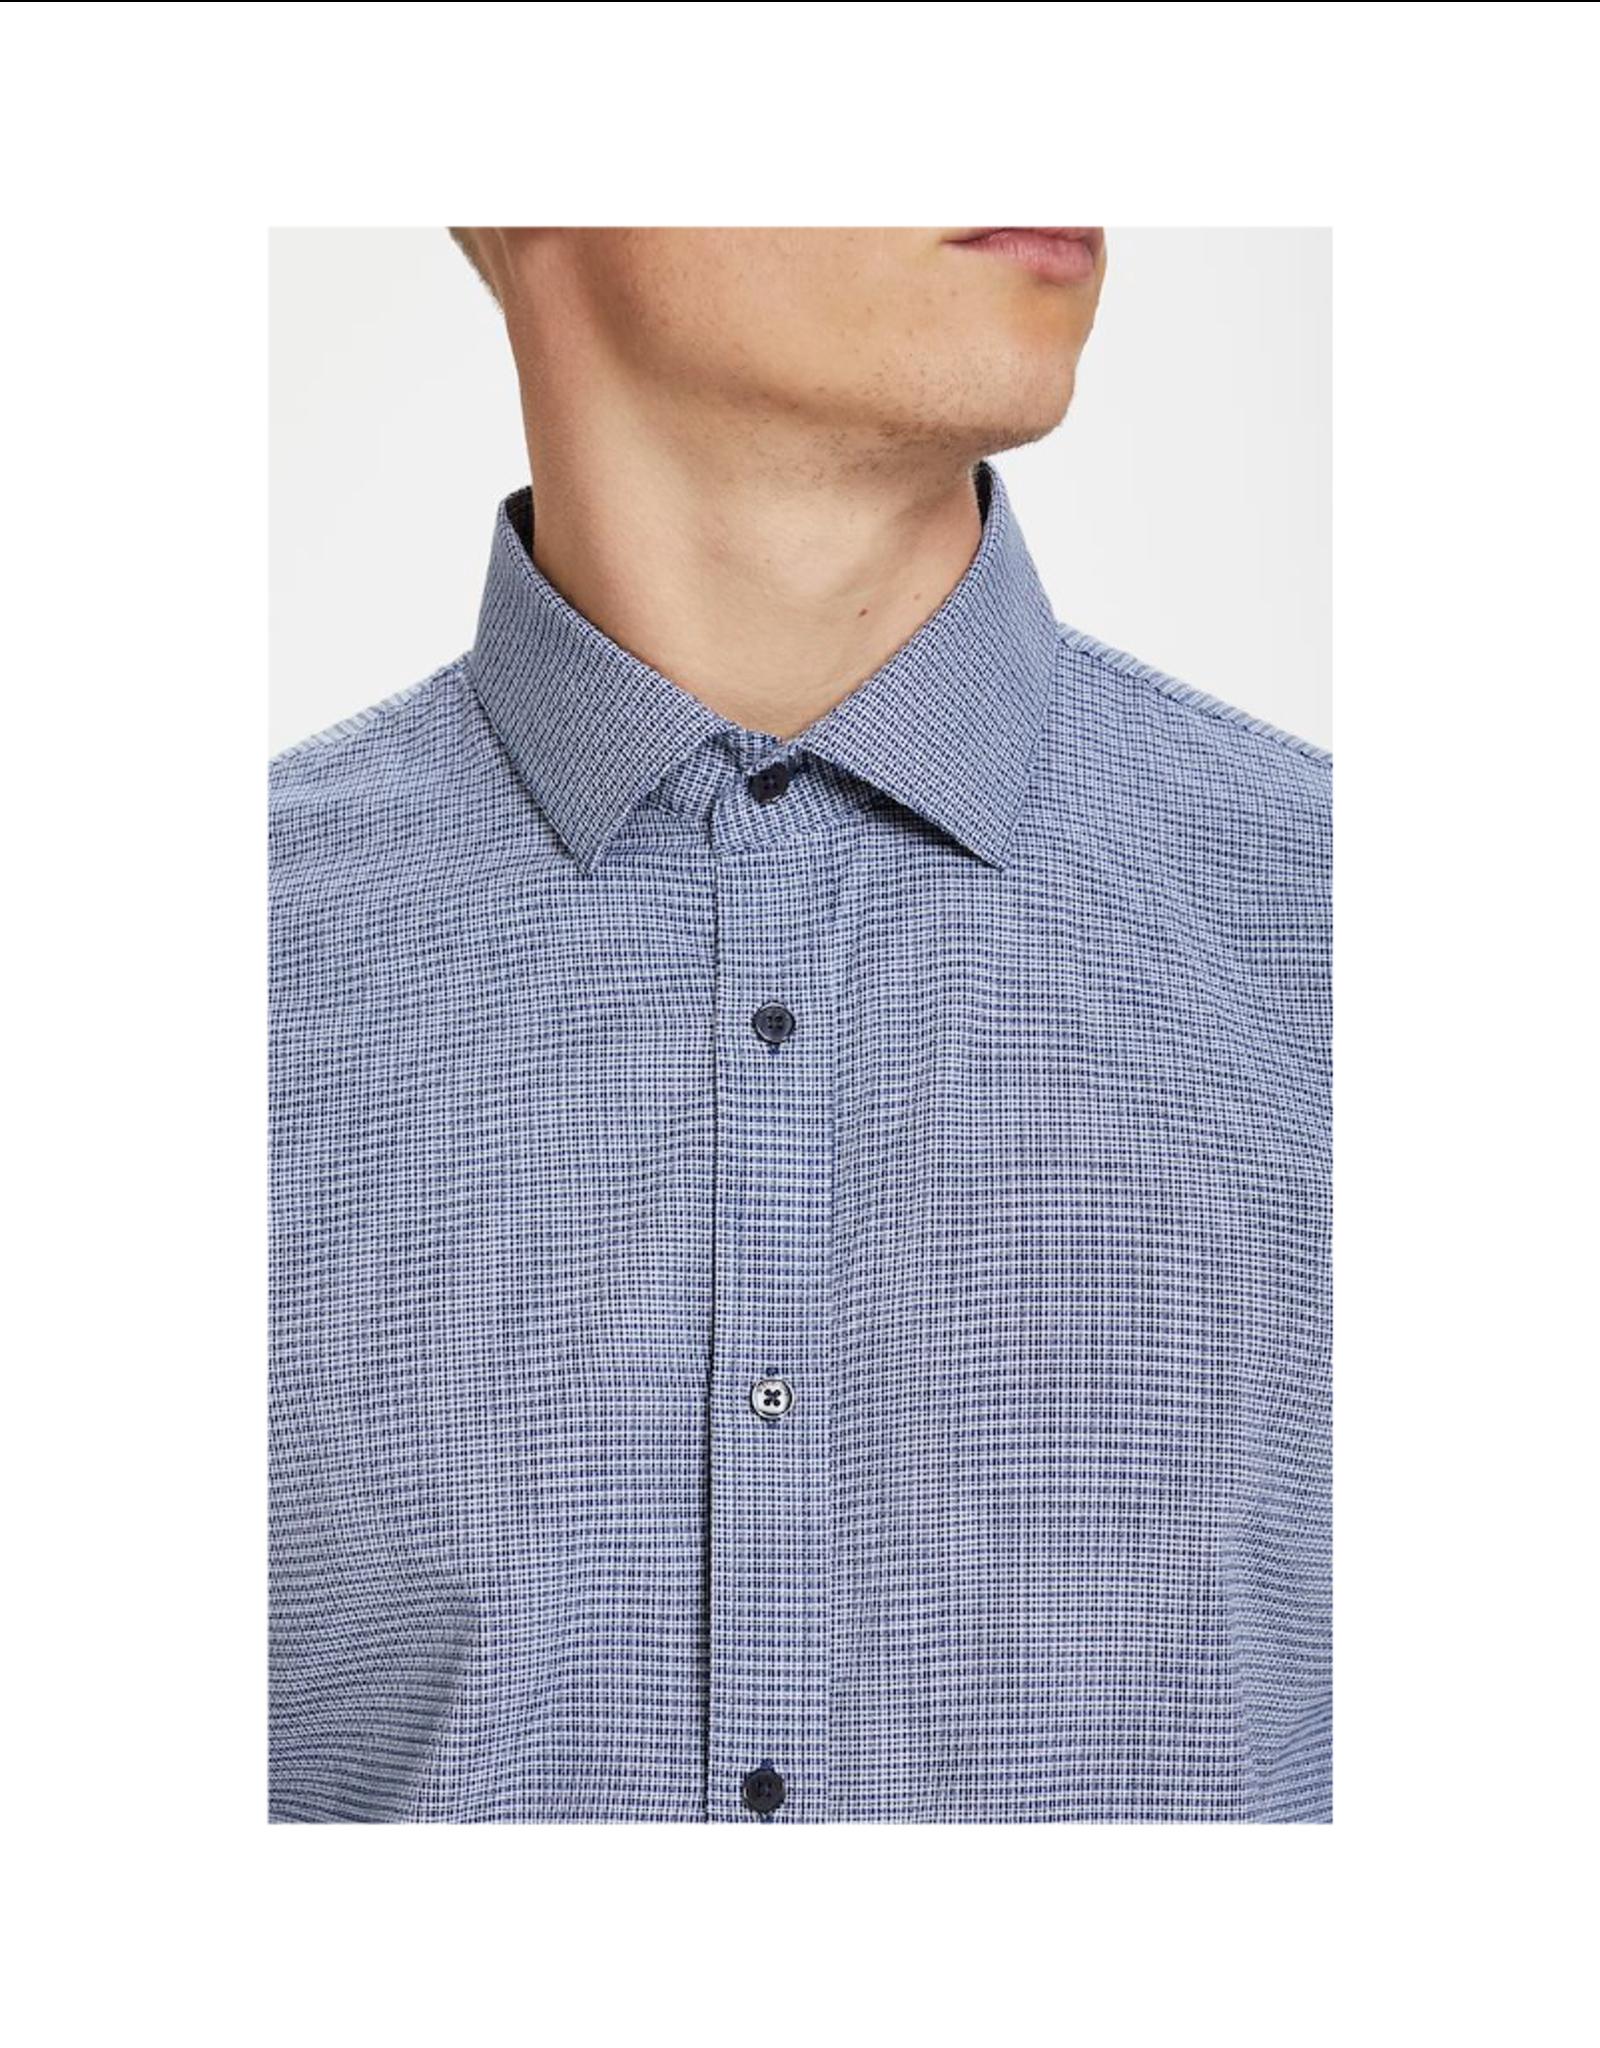 Matinique Trostol Mini Plaid Long-Sleeve Button Up